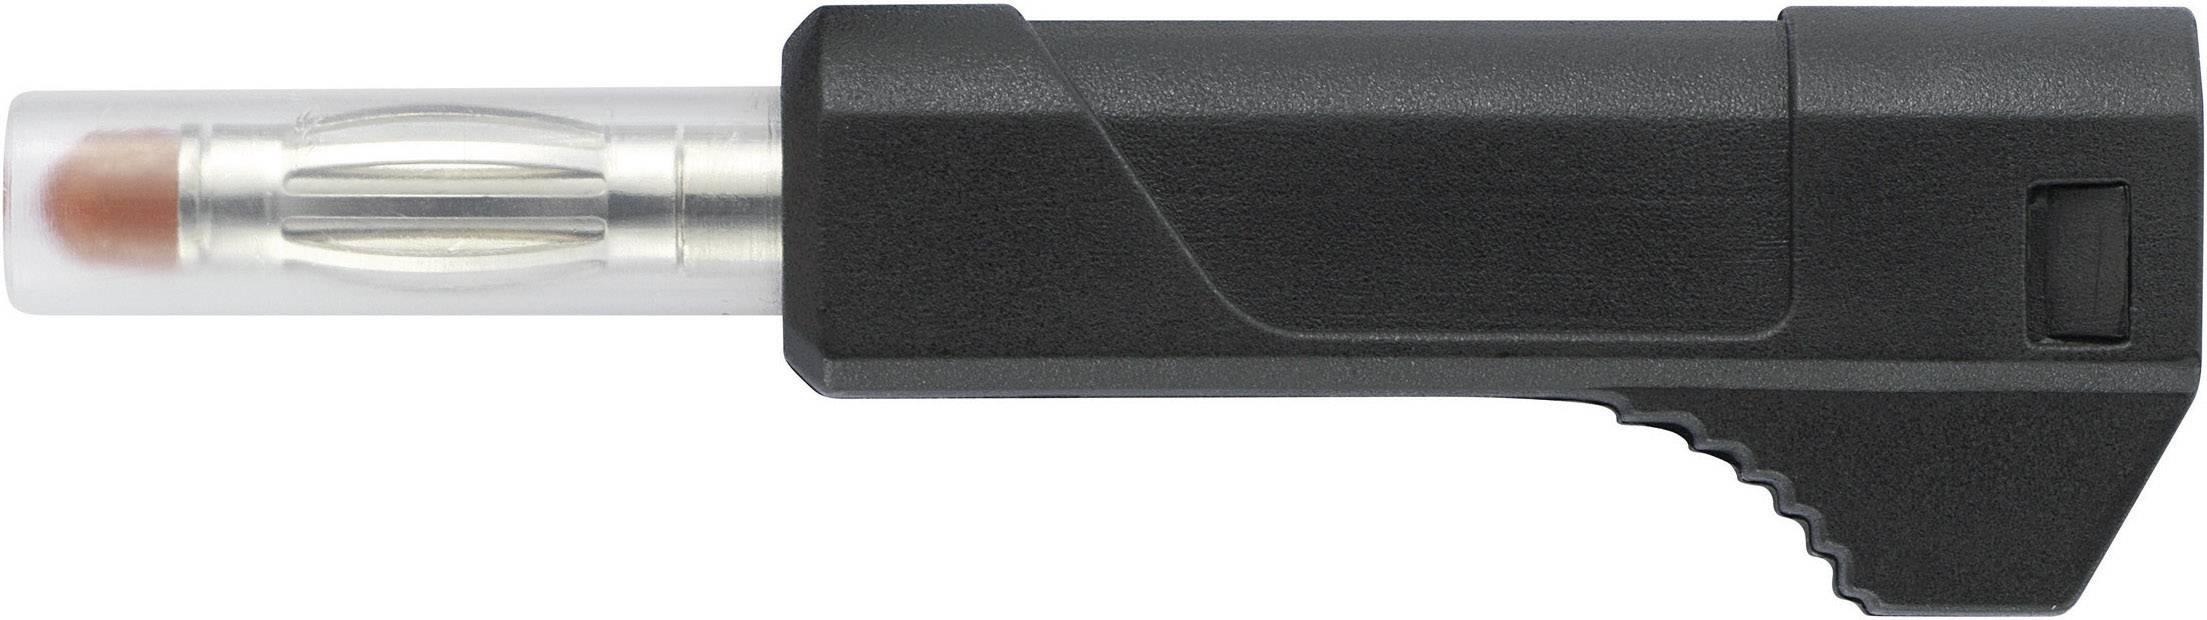 Mini lamelová zástrčka SCI R8-103Y – zástrčka, rovná, Ø hrotu: 4 mm, žltá, 1 ks